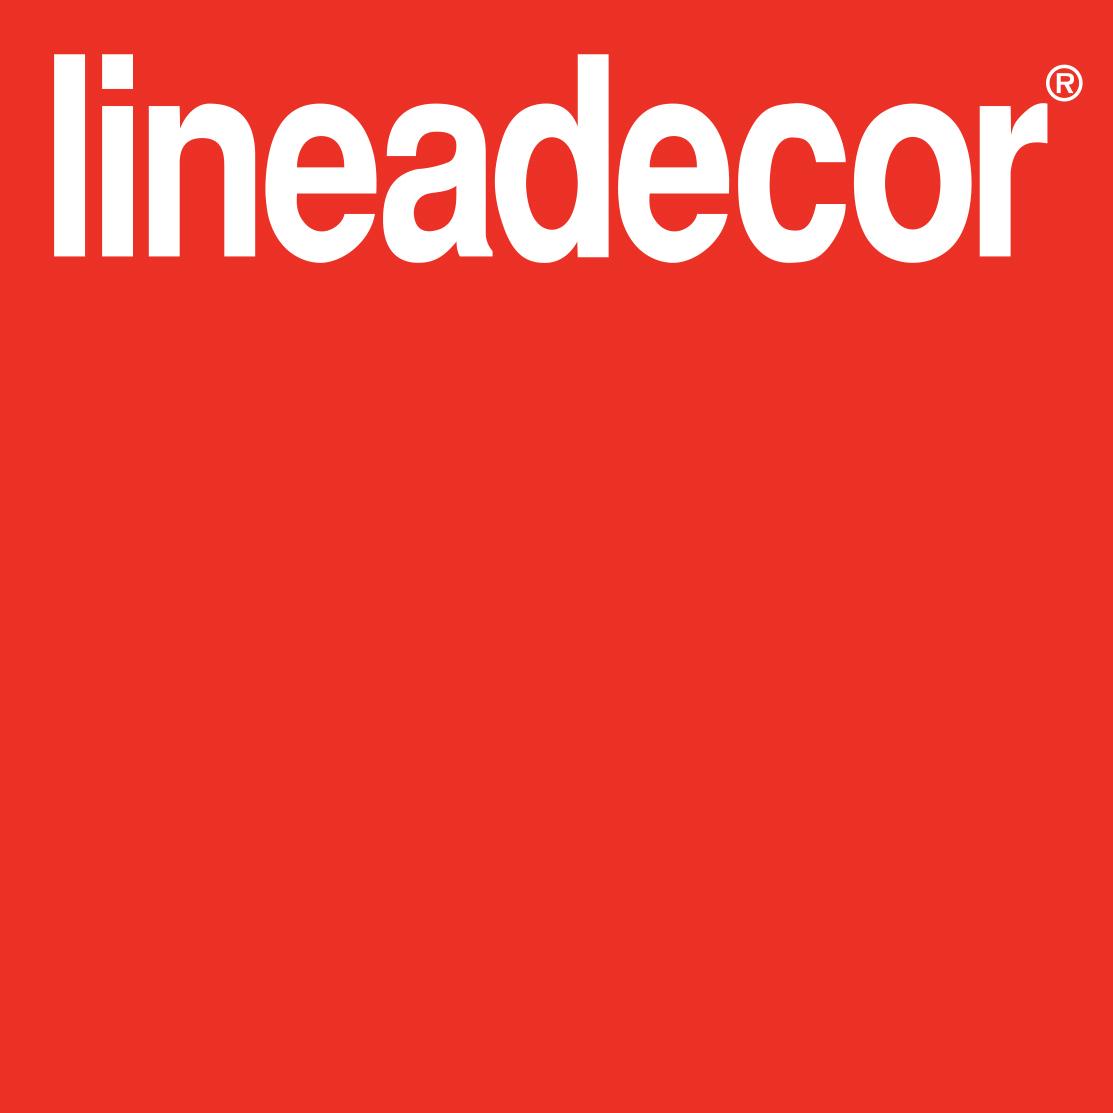 Lineadecor USA